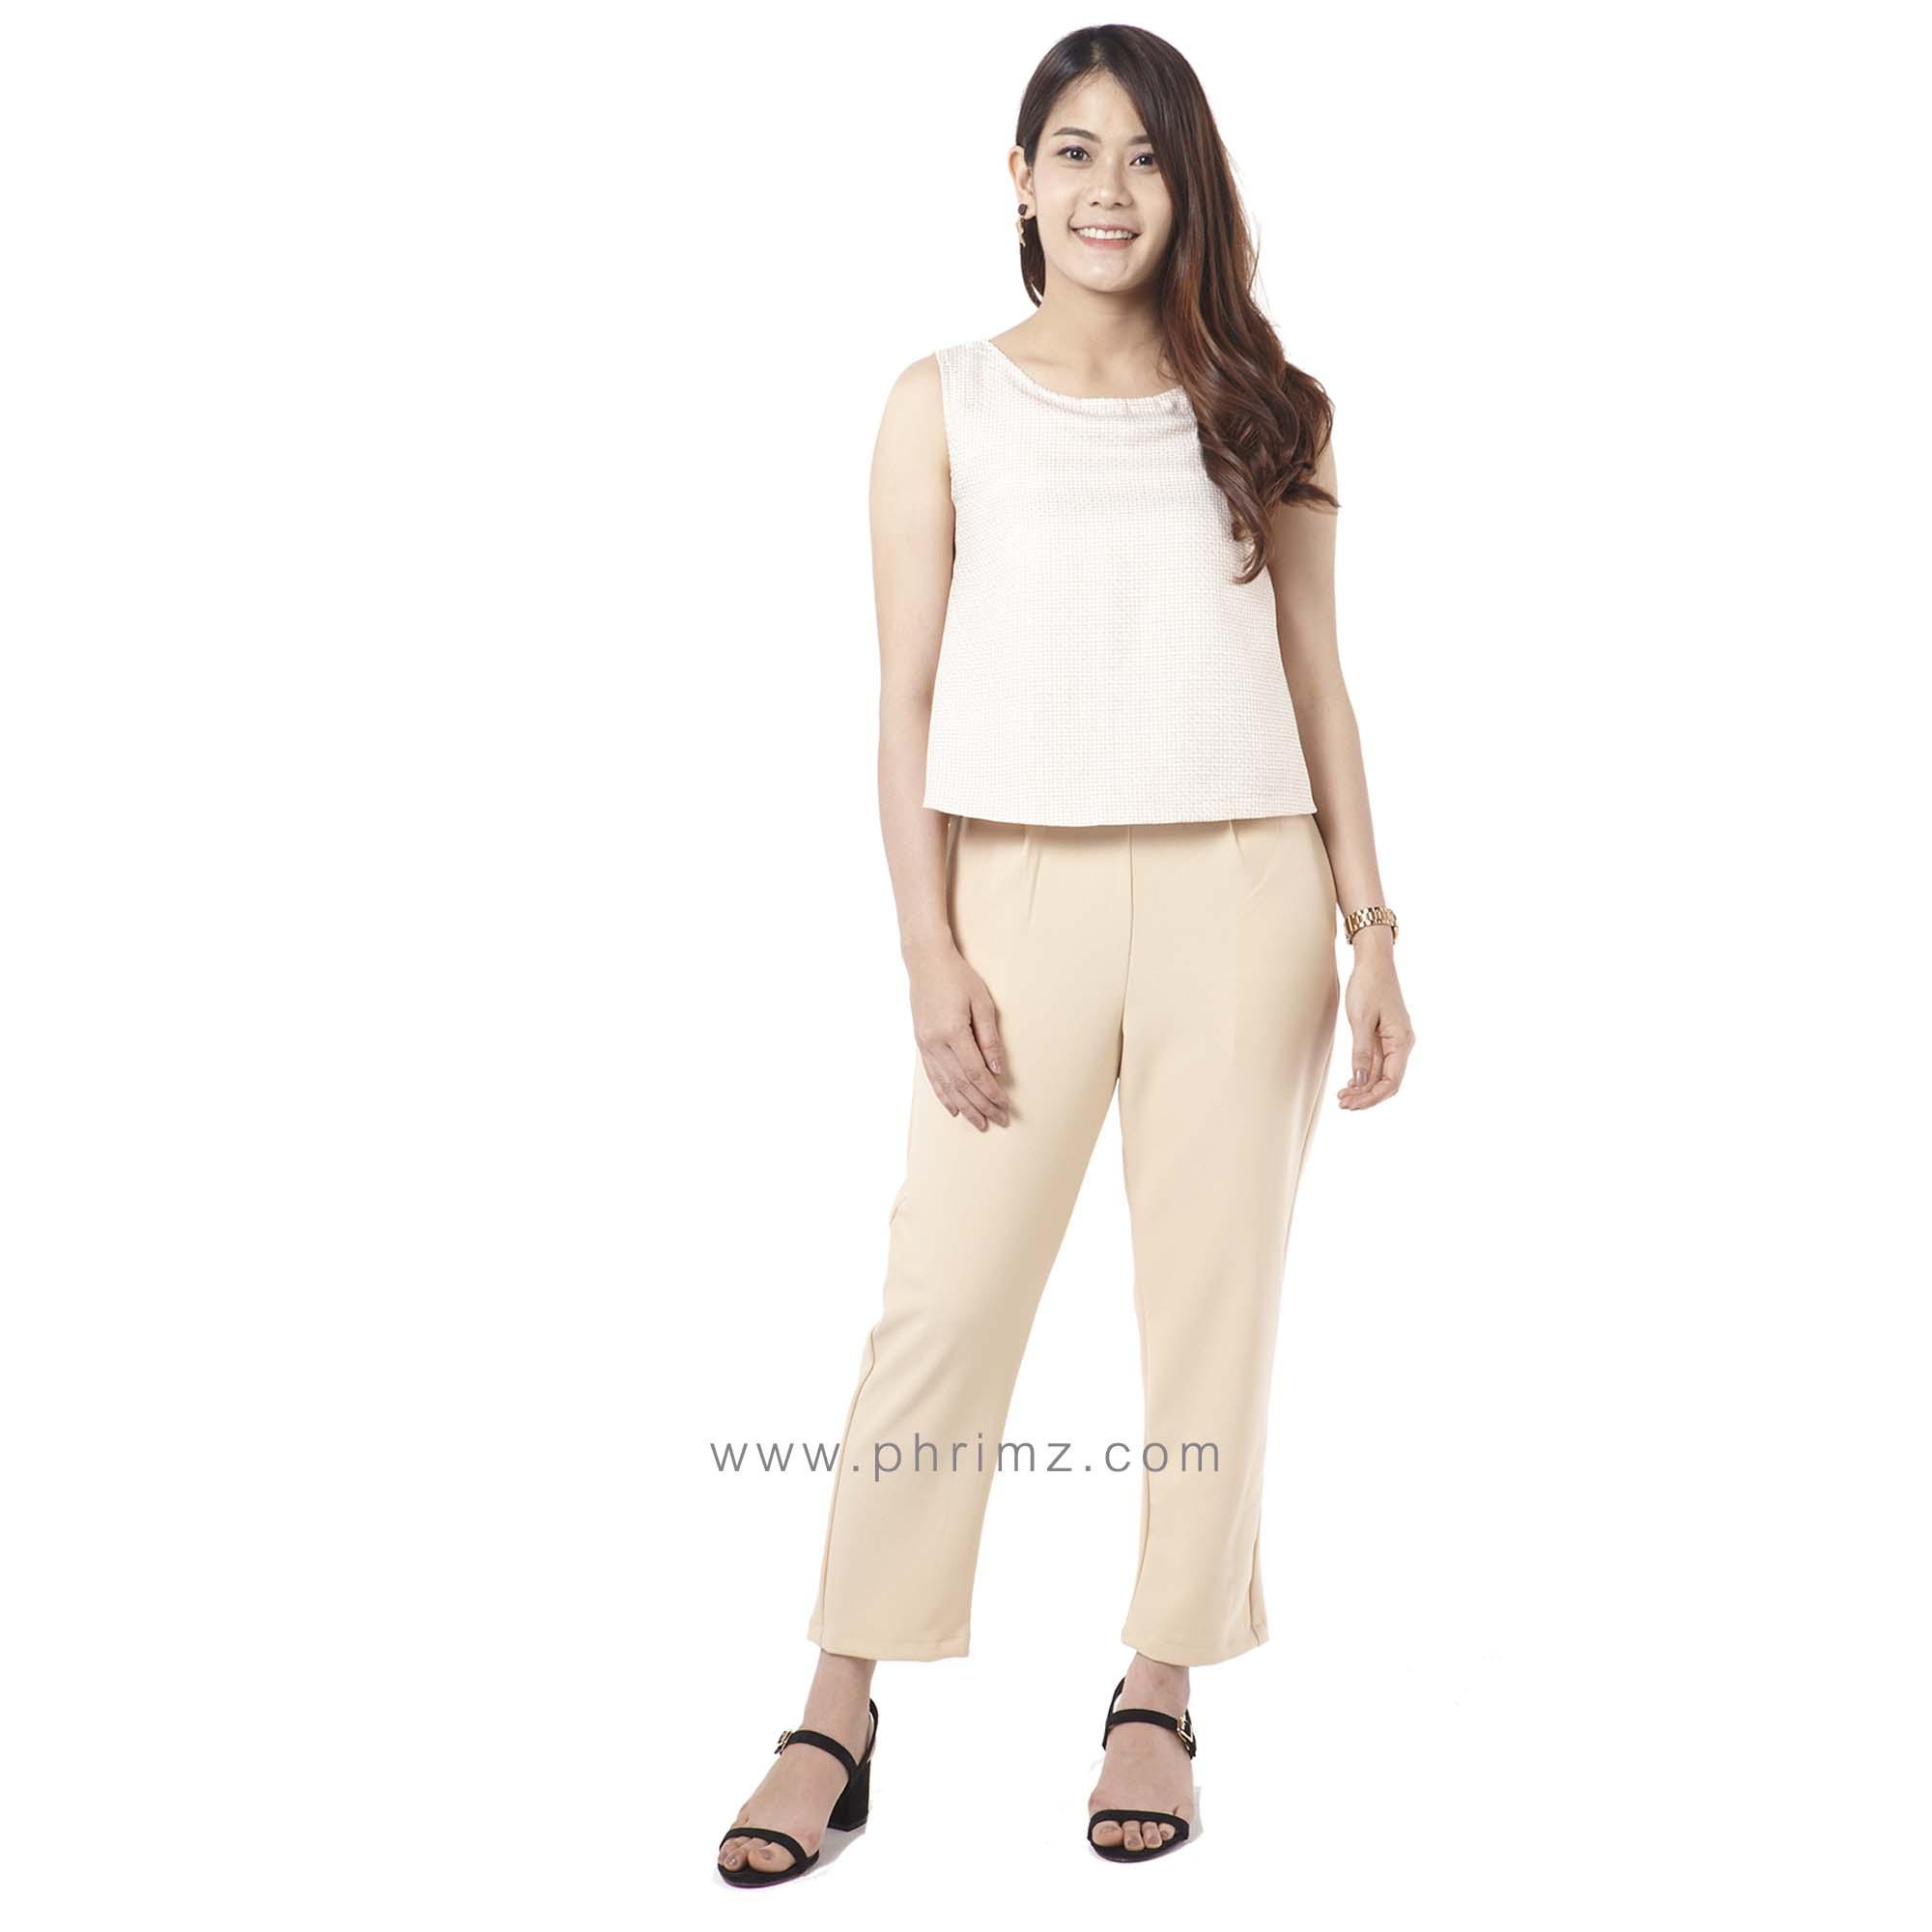 ชุดให้นม Phrimz : Honae Breastfeeding Jumpsuit - Whip Cream